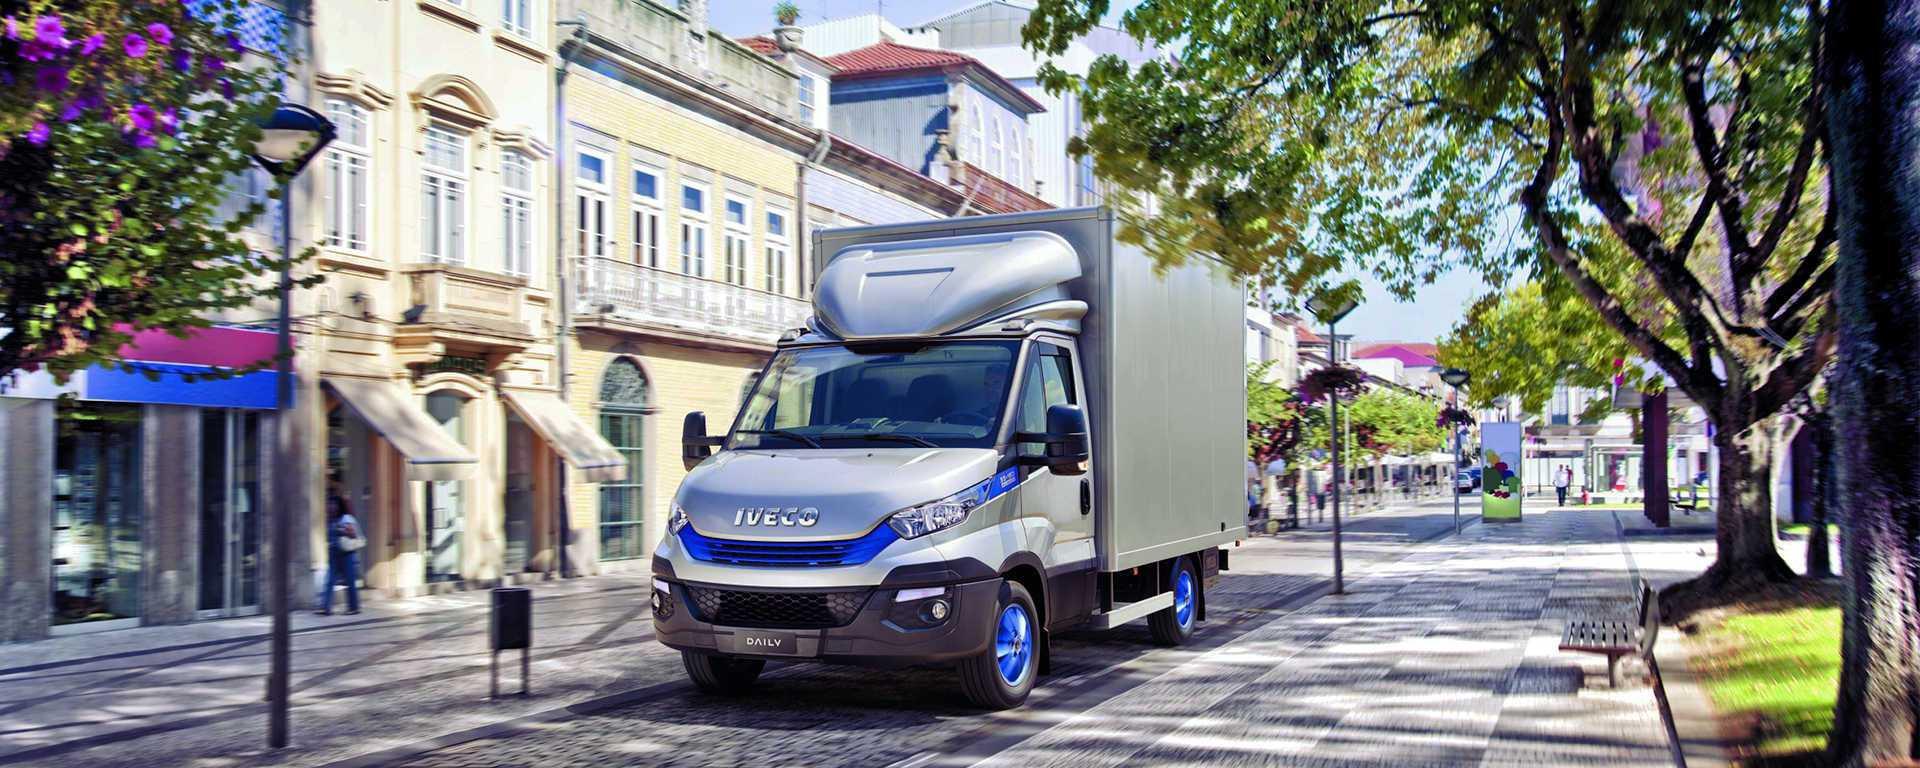 International Van of the Year 2018